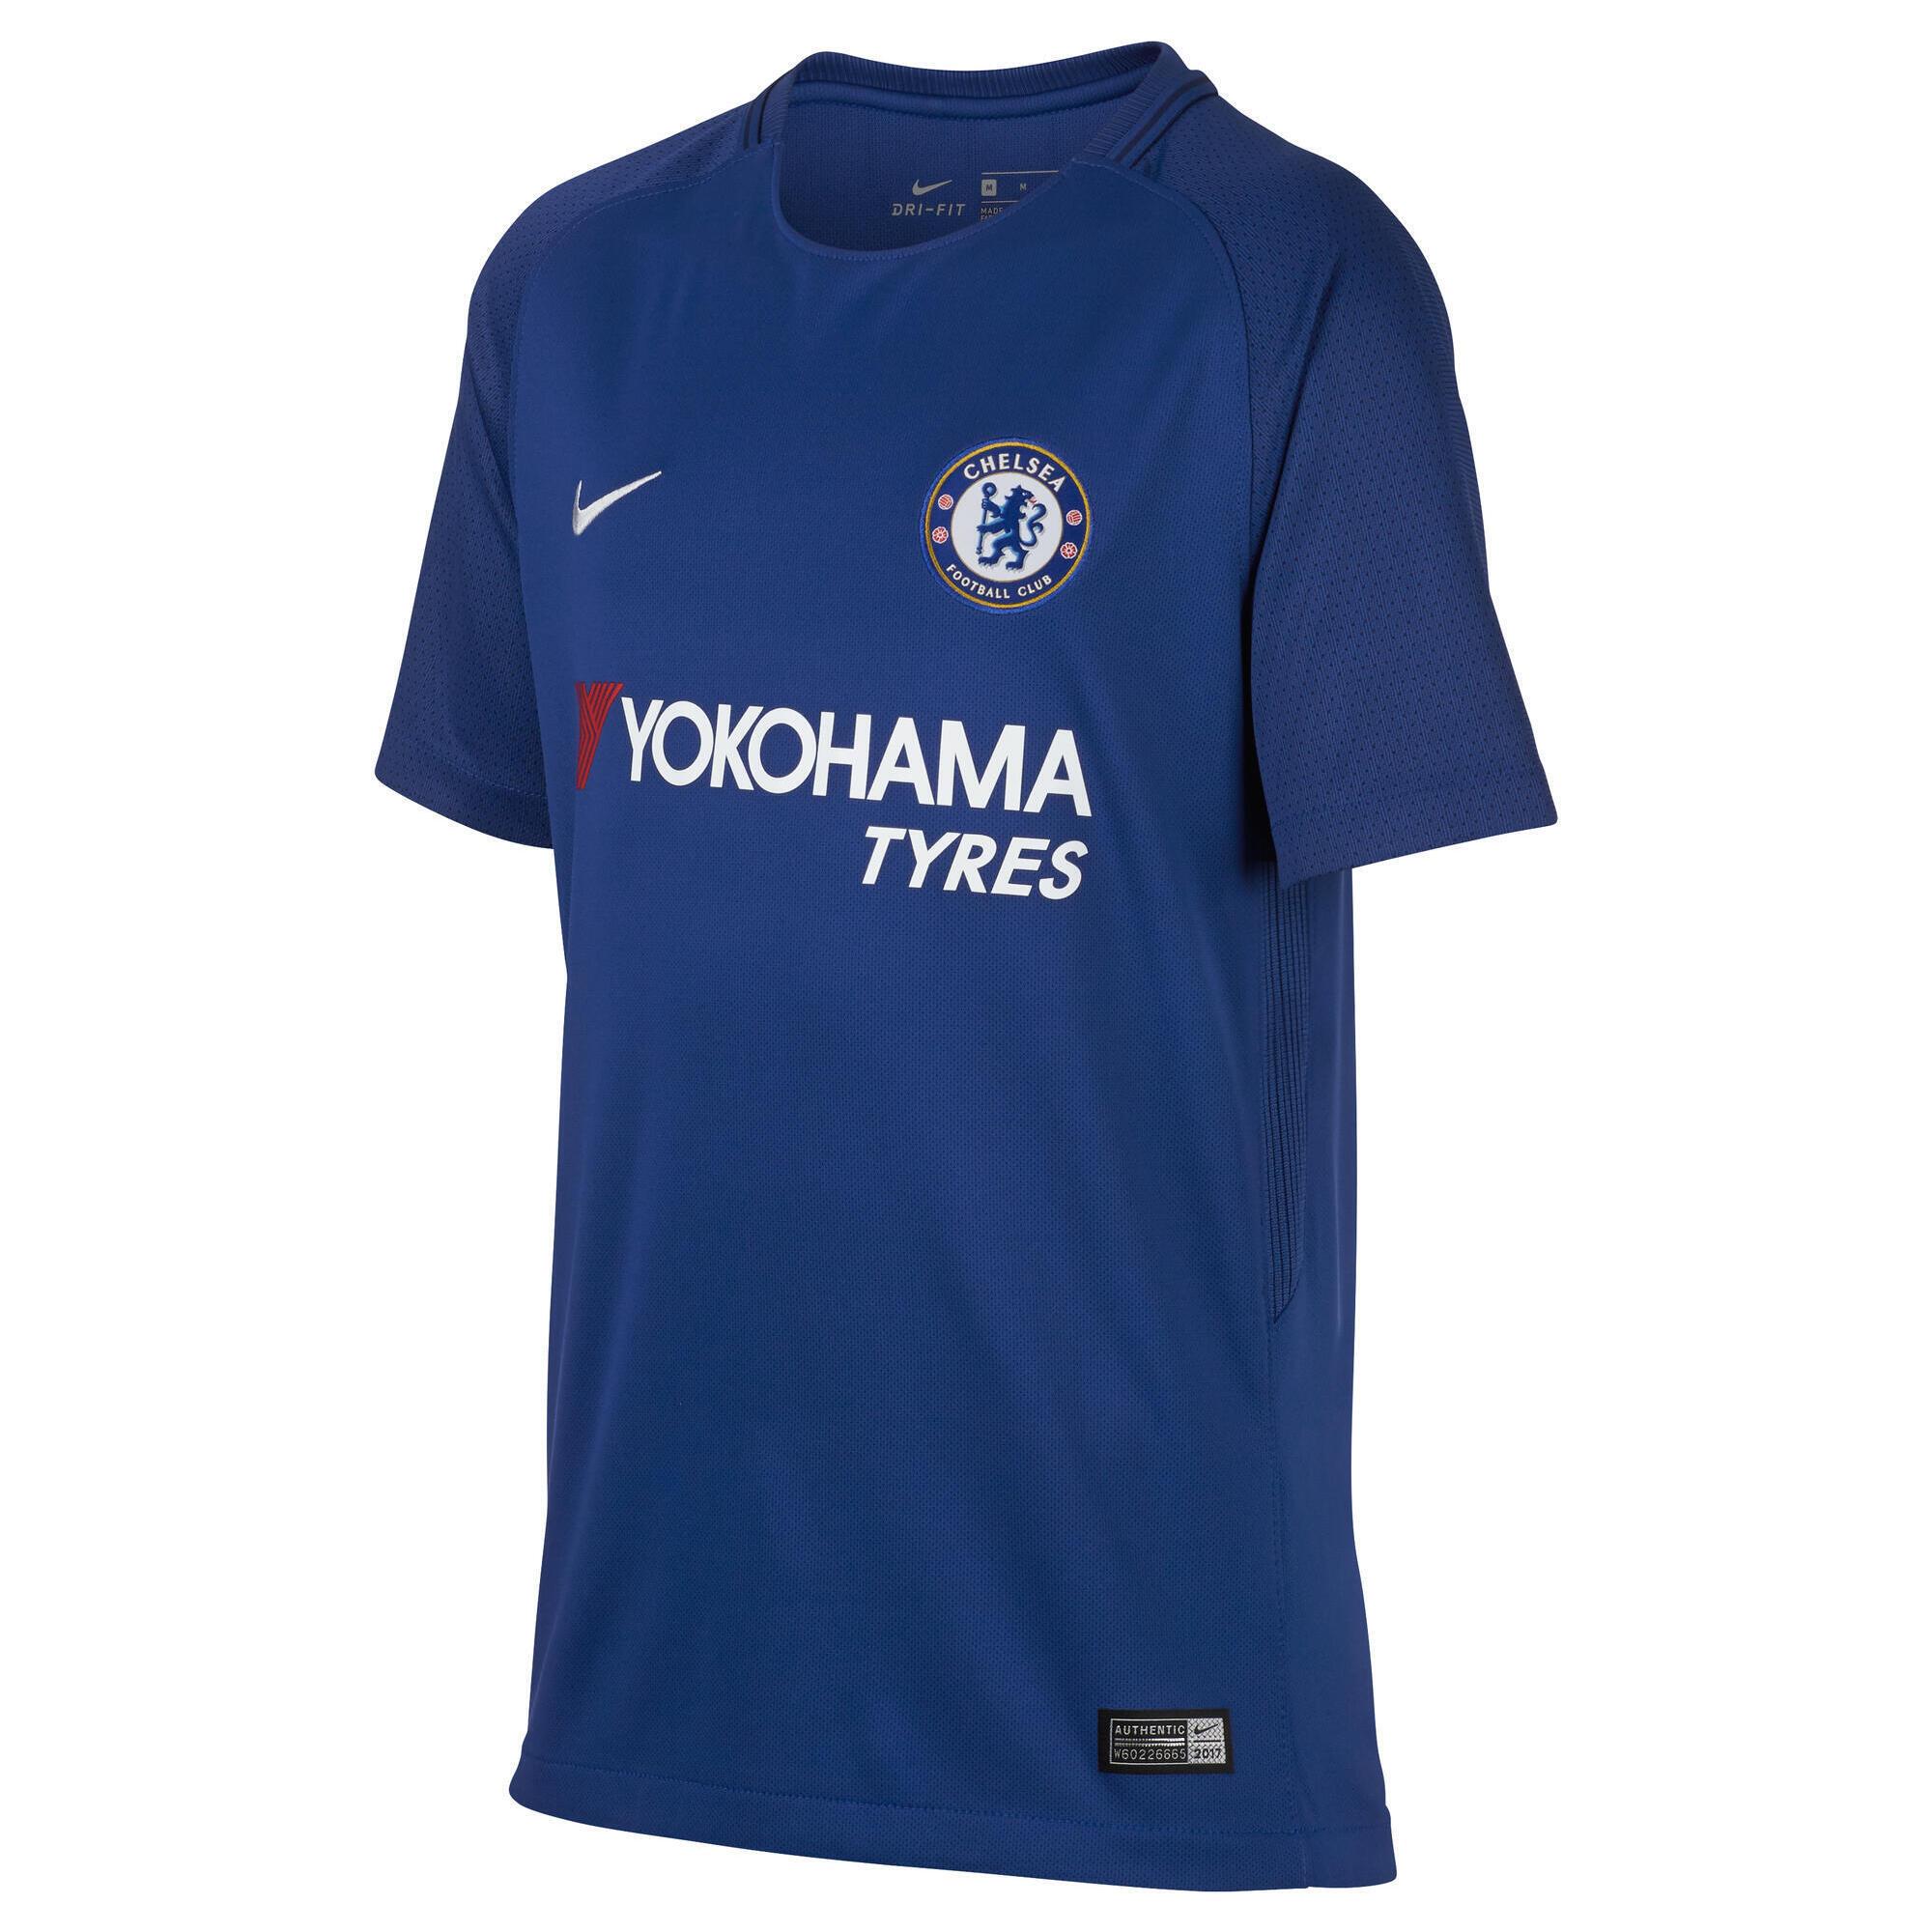 Jungen,Kinder,Kinder Fußballtrikot FC Chelsea Home Kinder blau   00885178529429